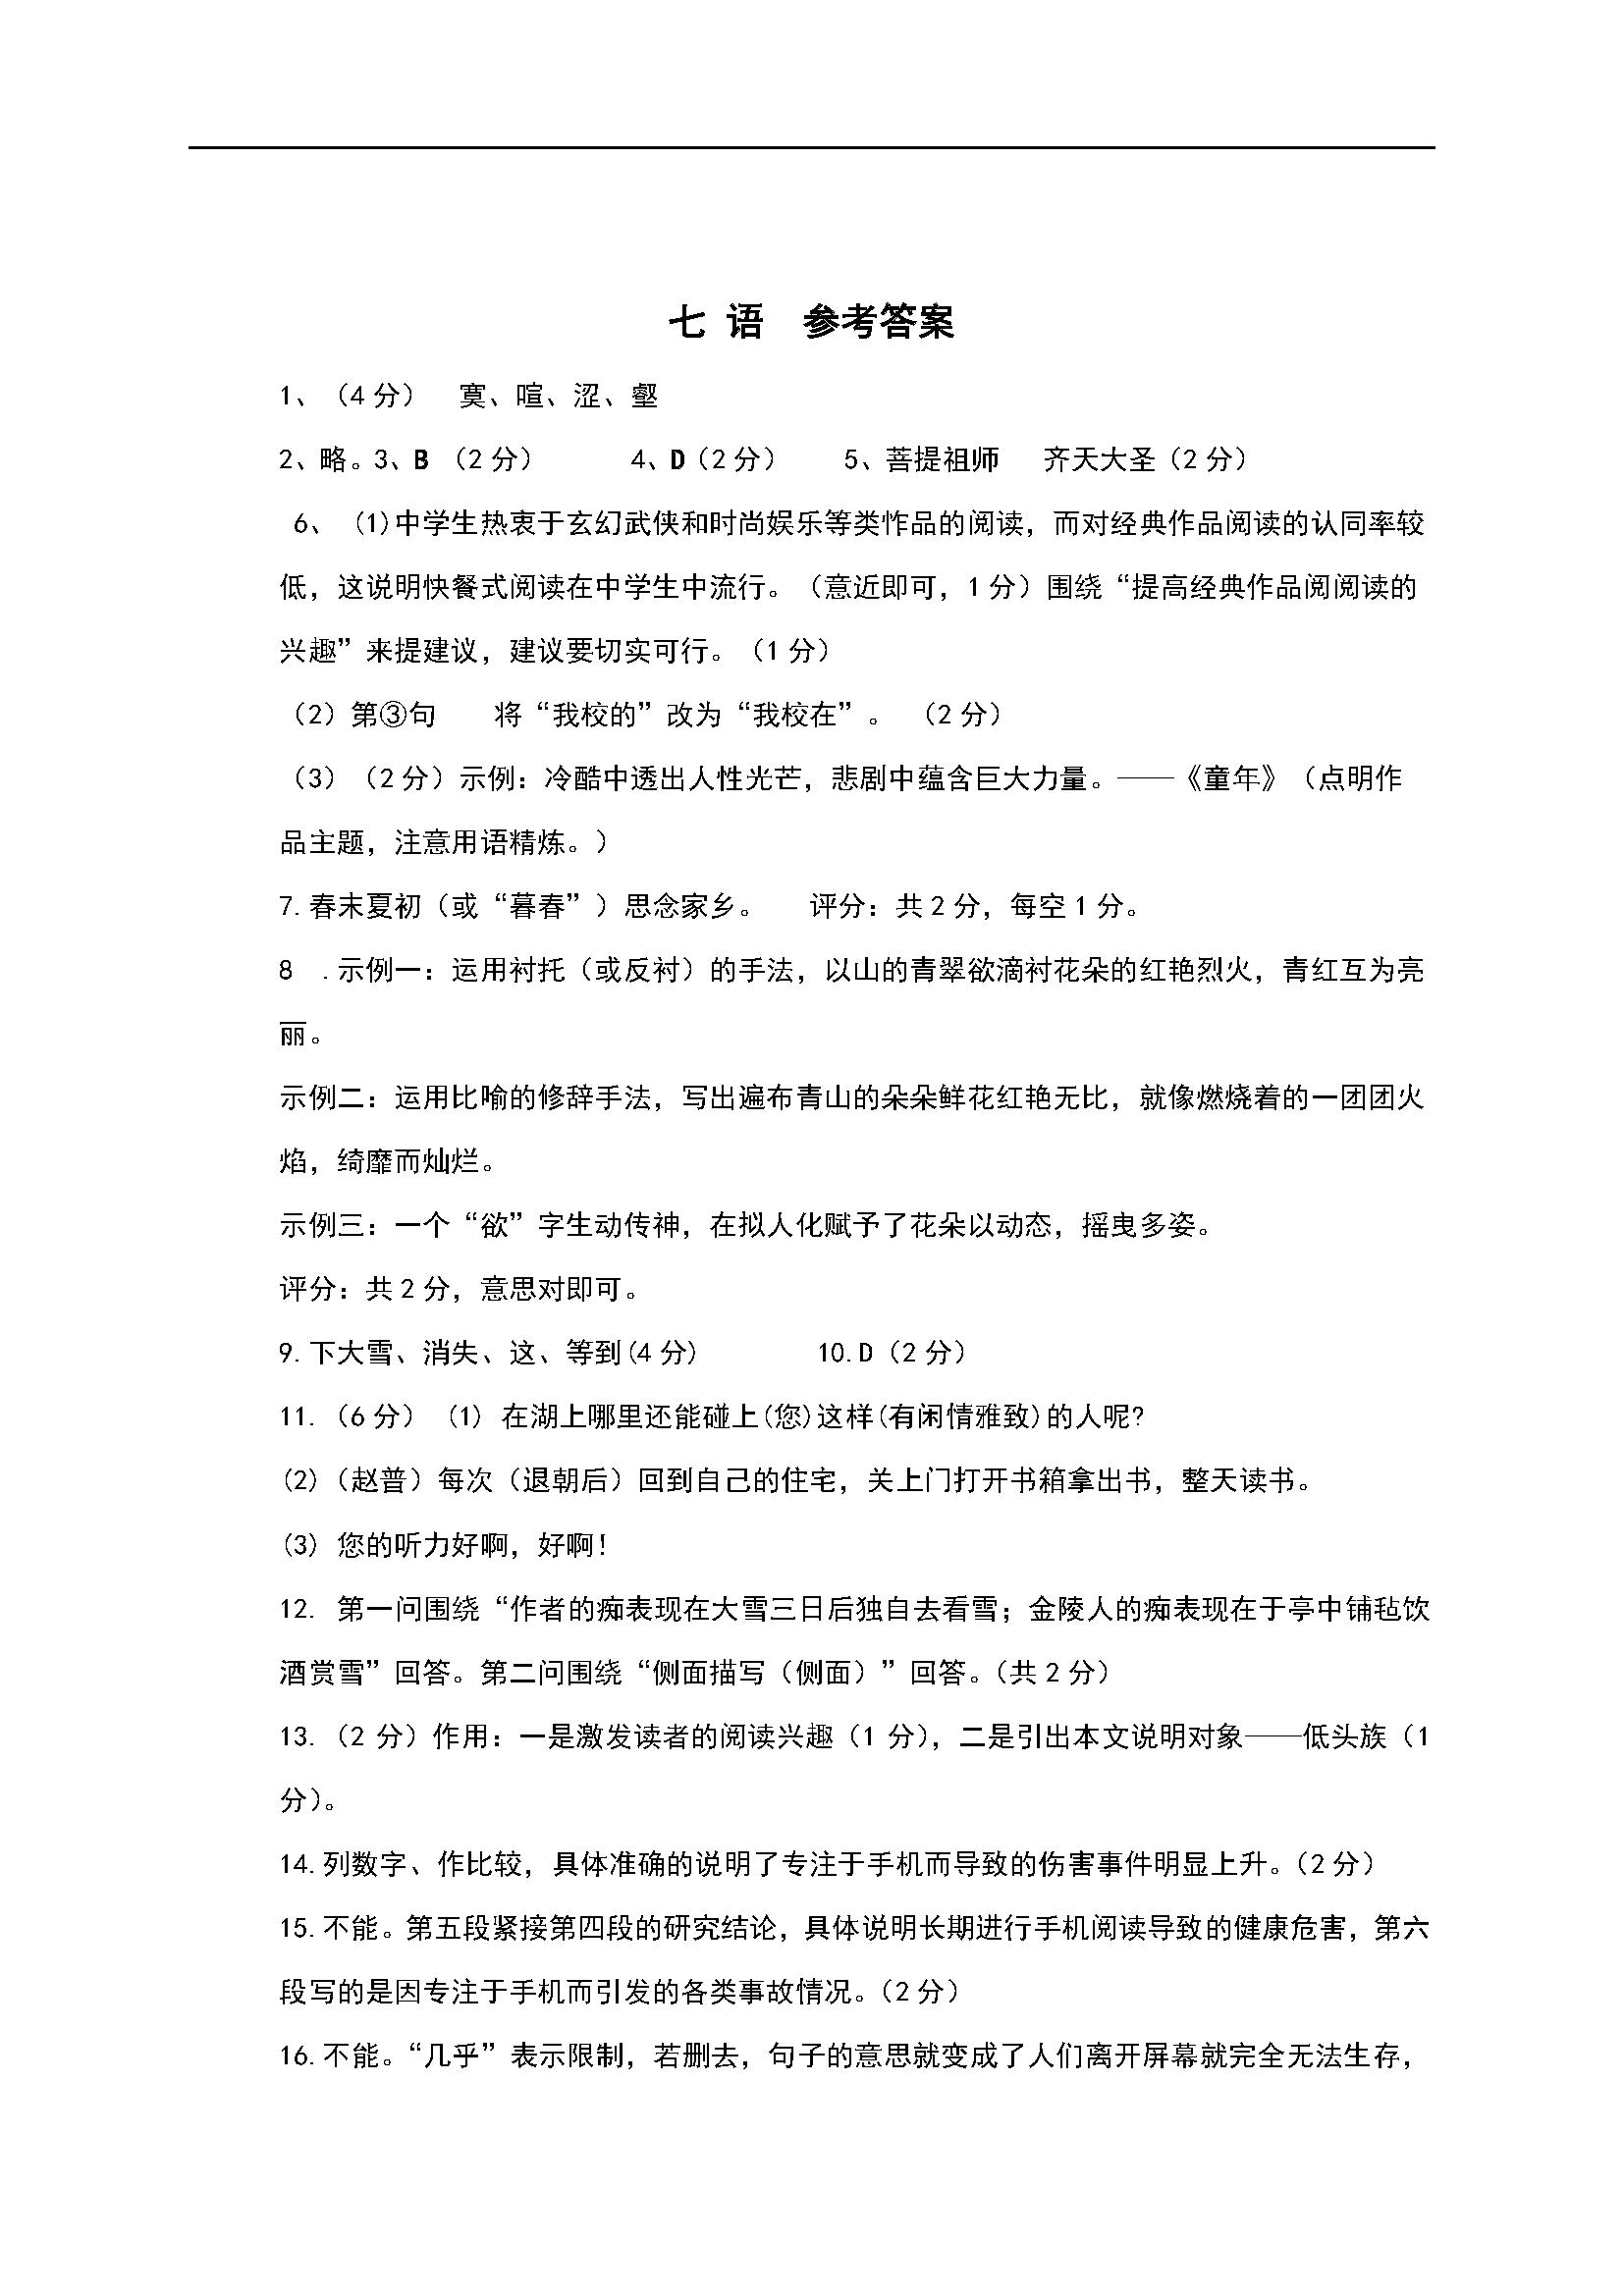 2017江苏靖江七年级下第一次独立作业语文试题答案(Word版)